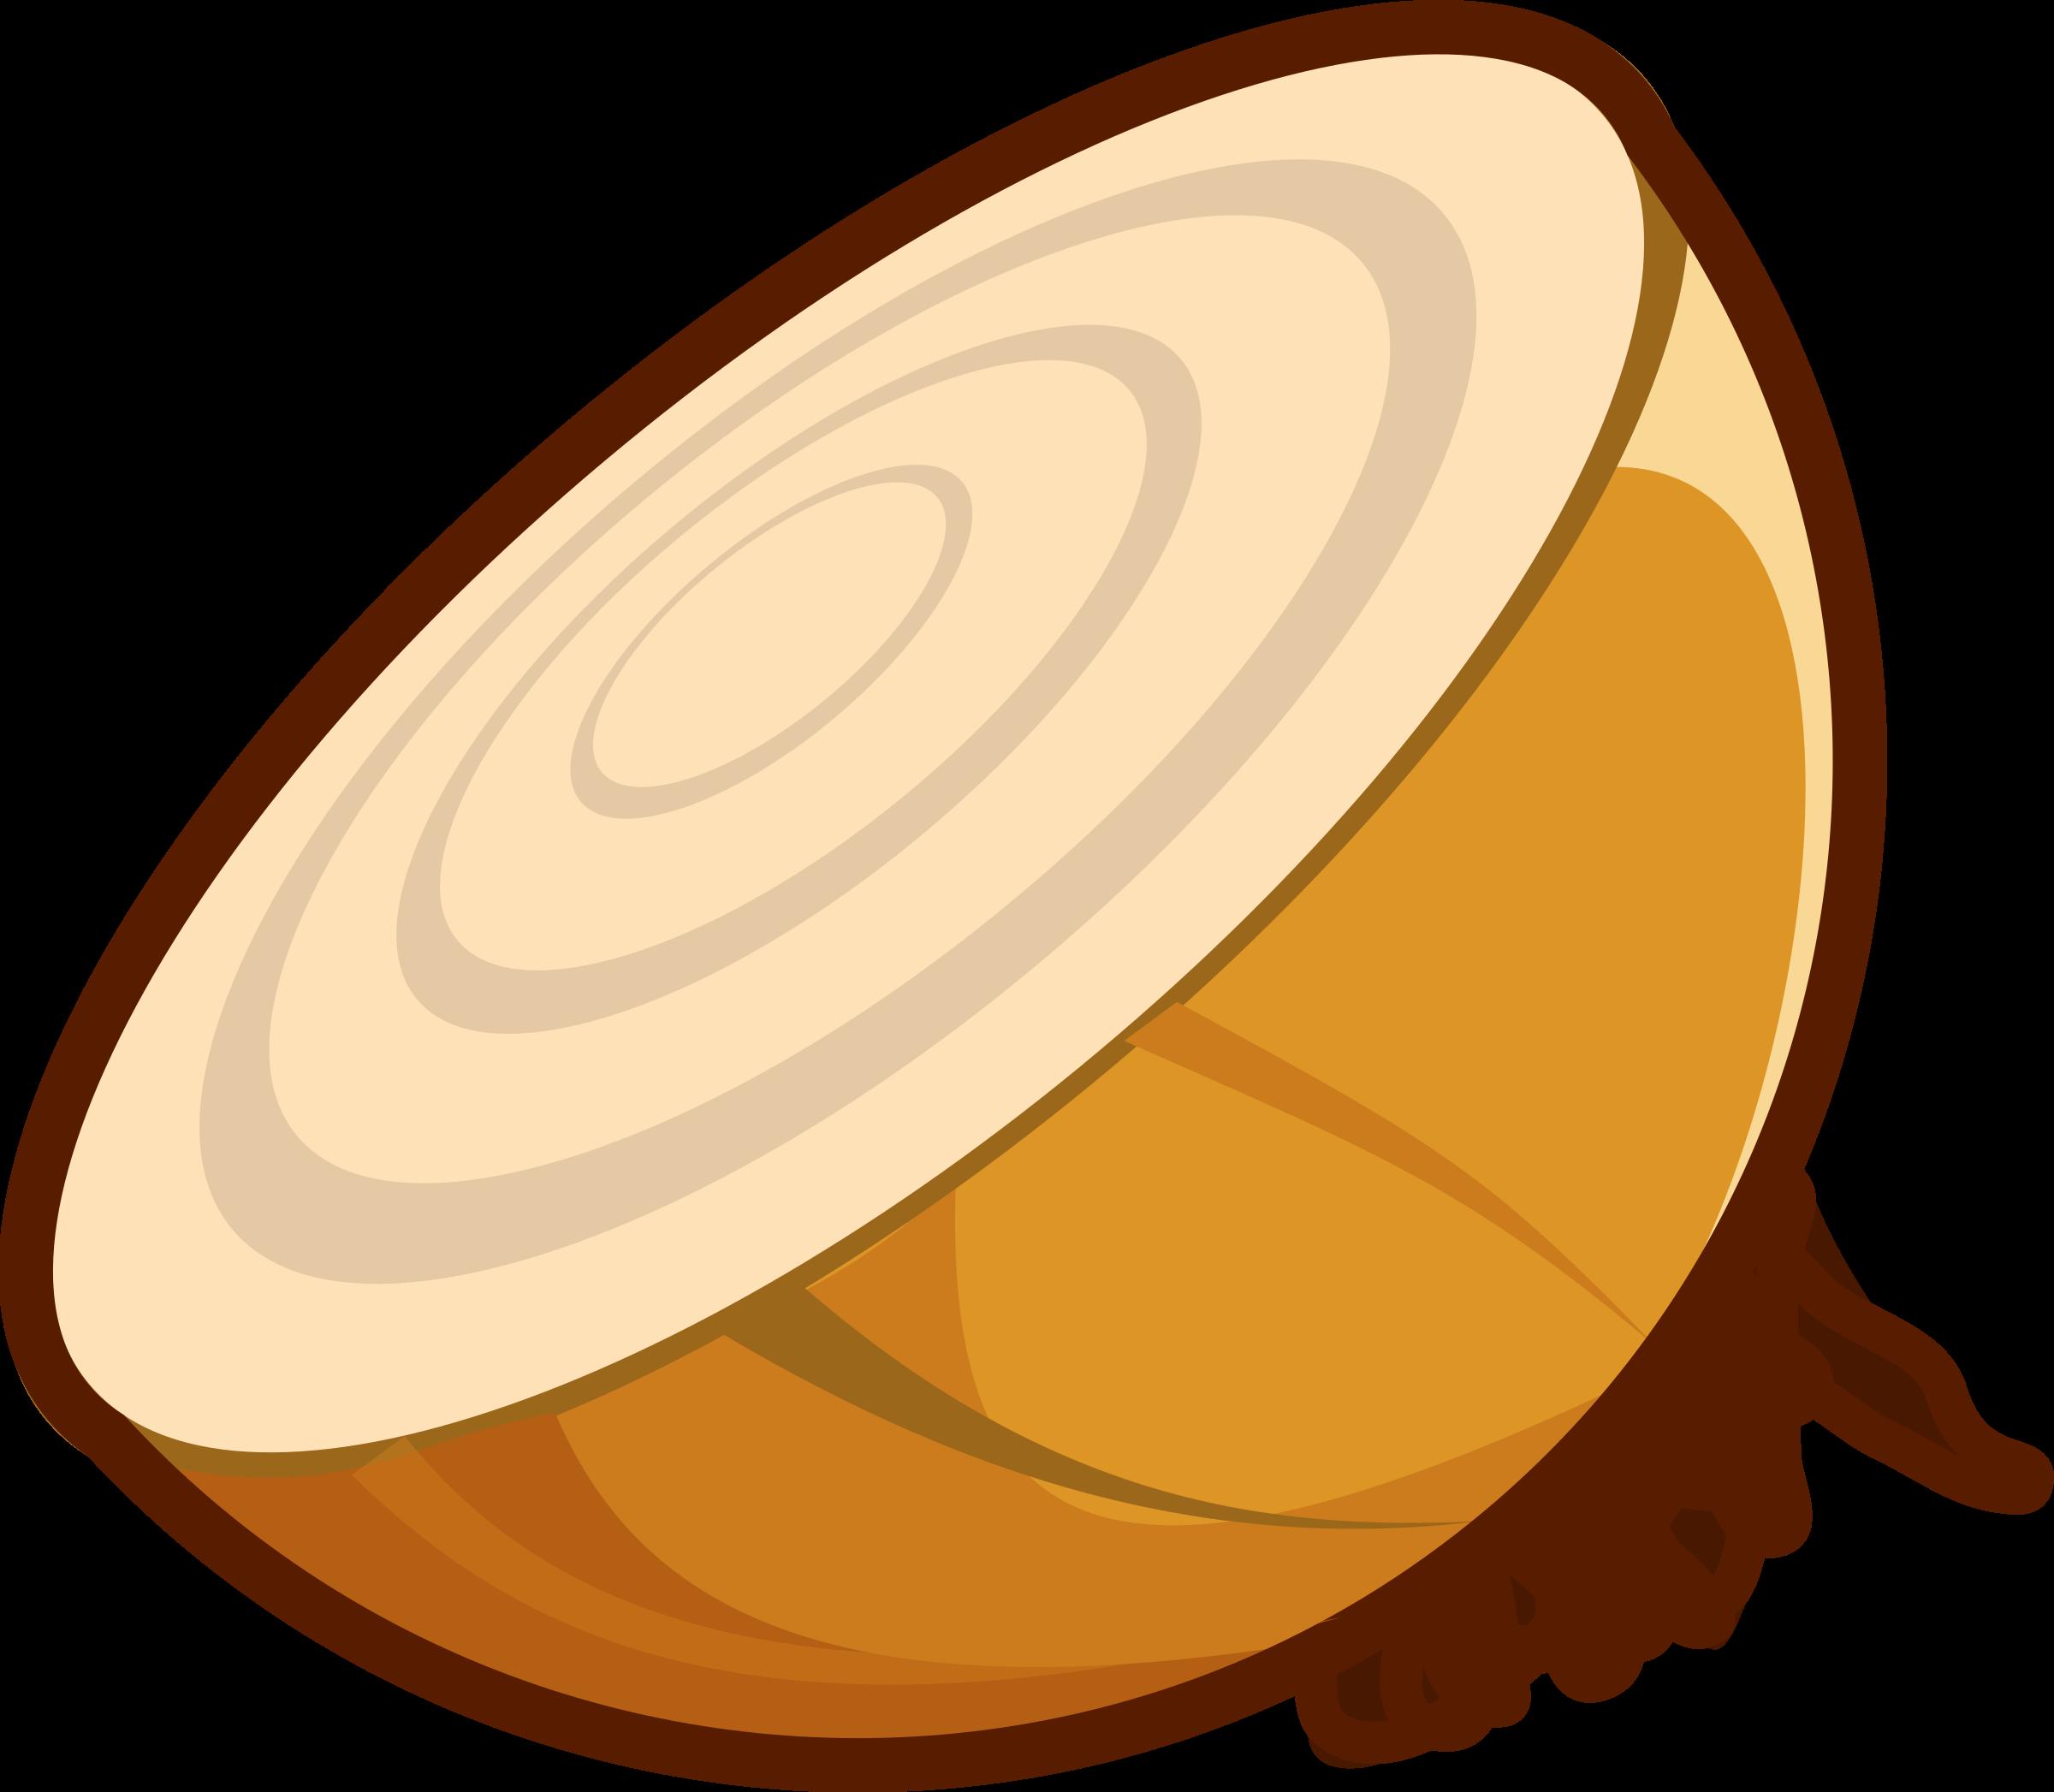 Clipart - cut onion